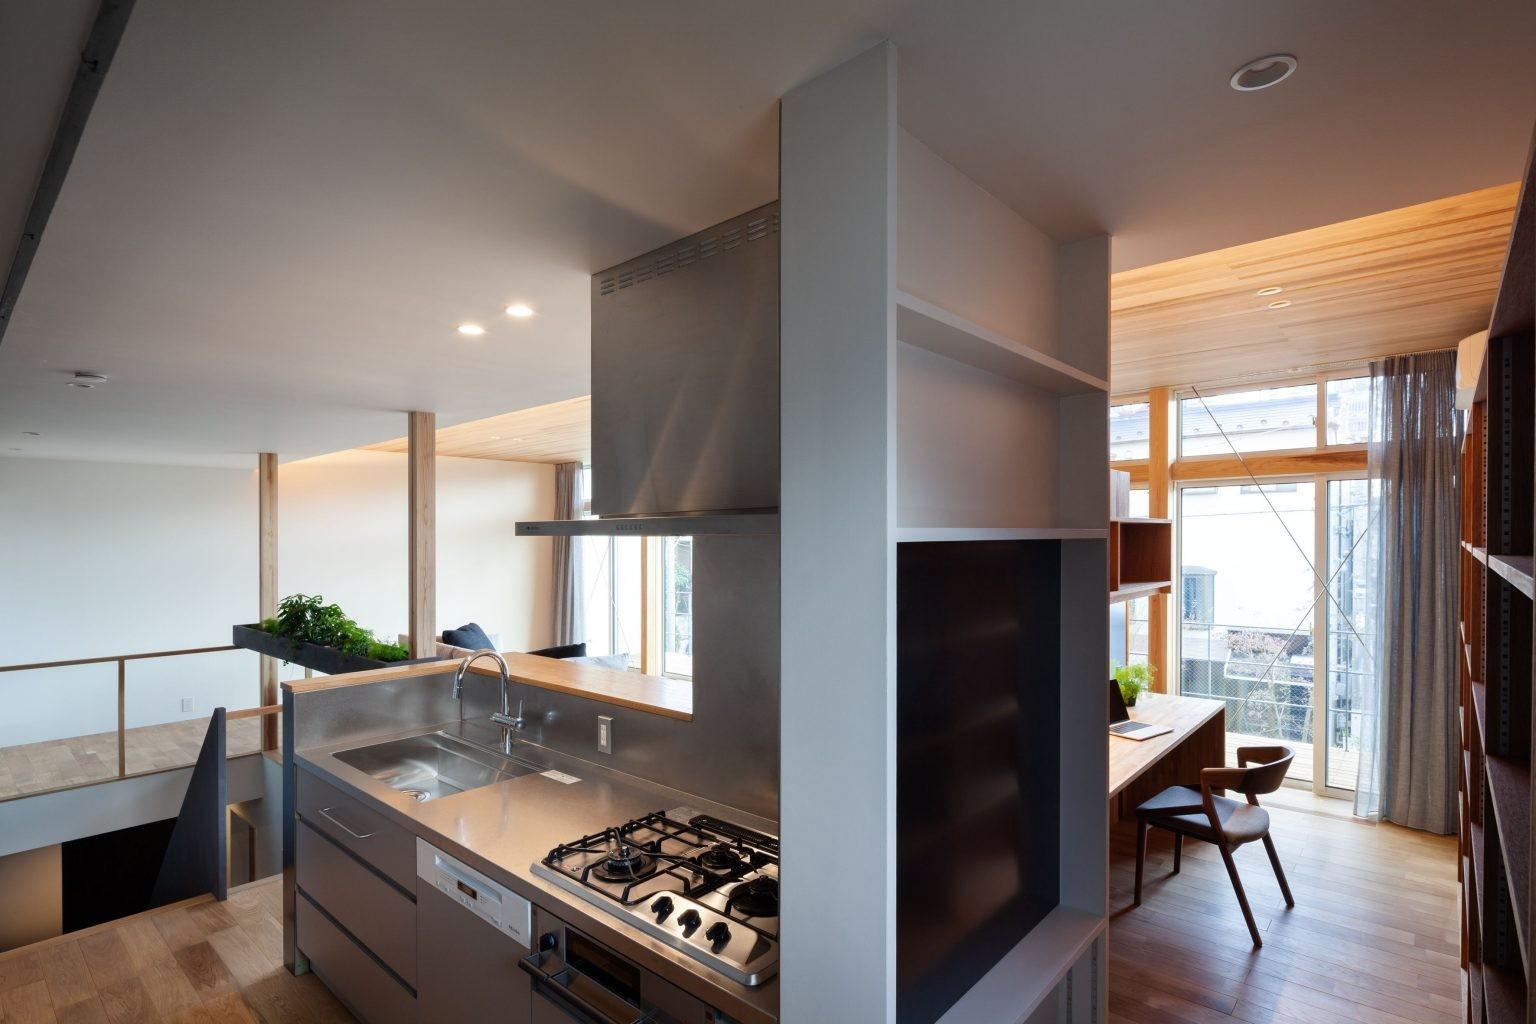 キッチン事例:キッチン+ワークスペース(早宮の家)